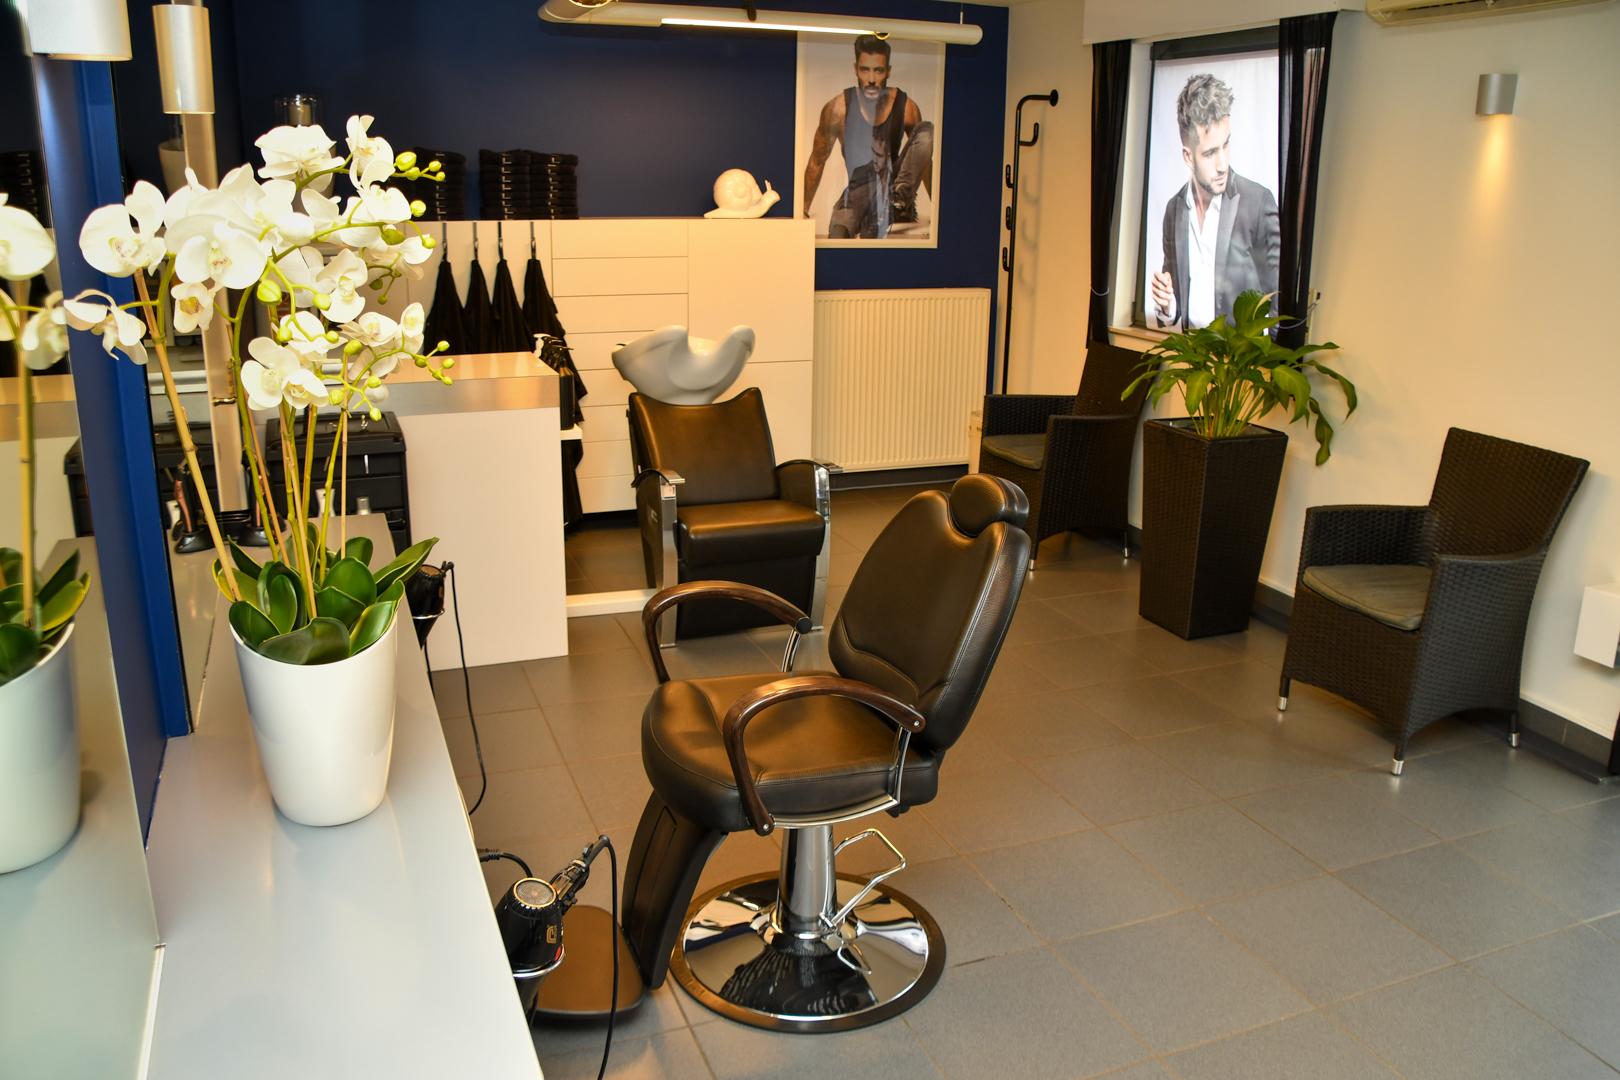 Gezellige interieur van Hairstudio Classic's